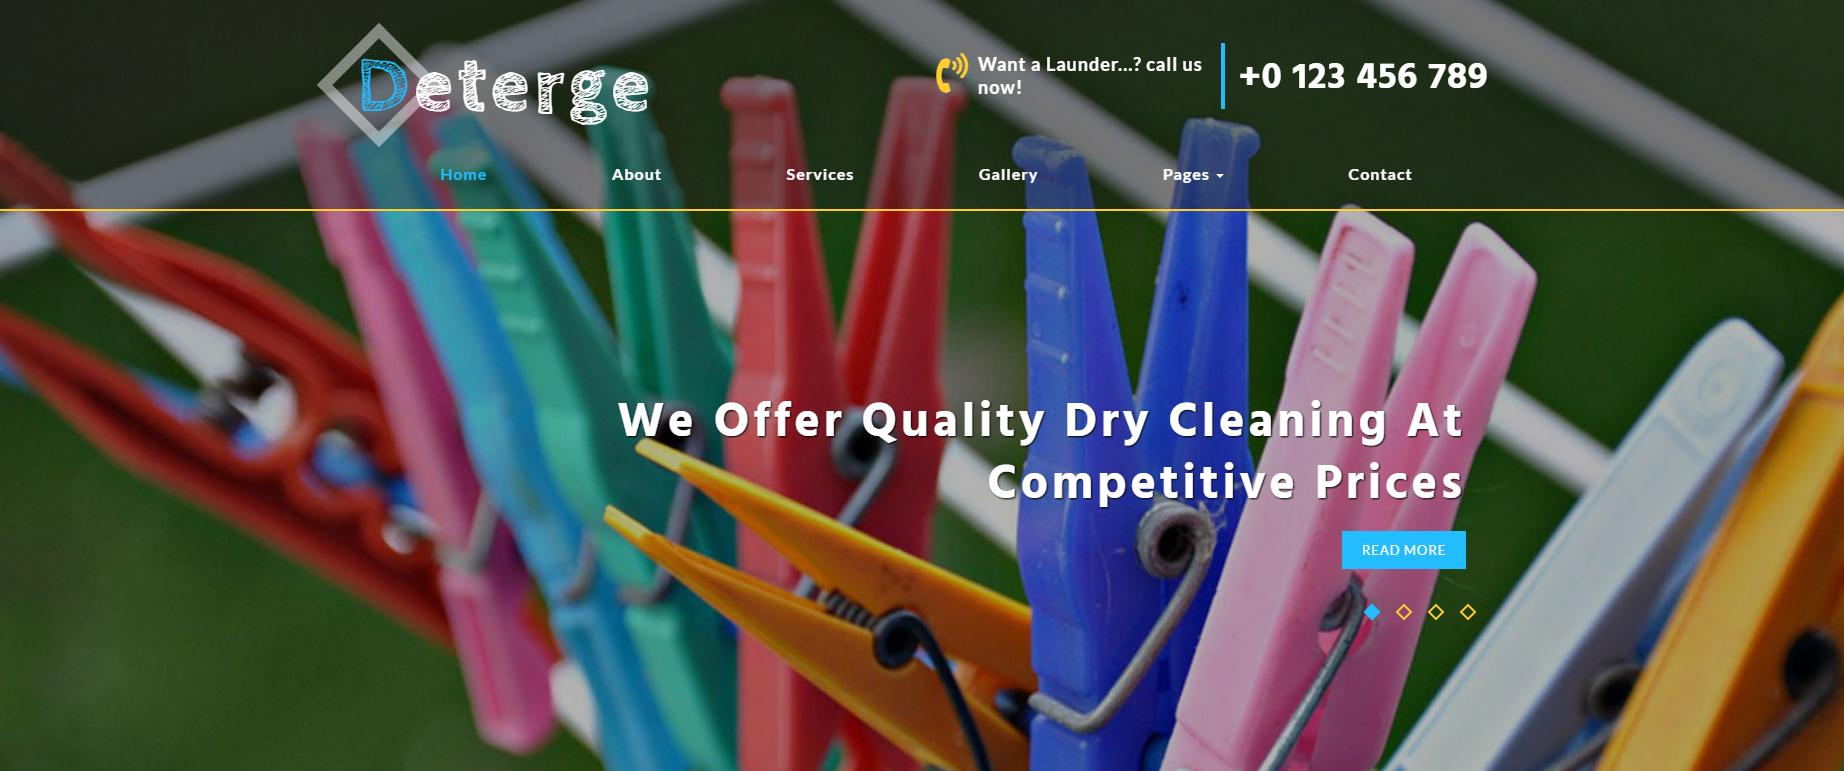 洗衣房设备公司的网站模板